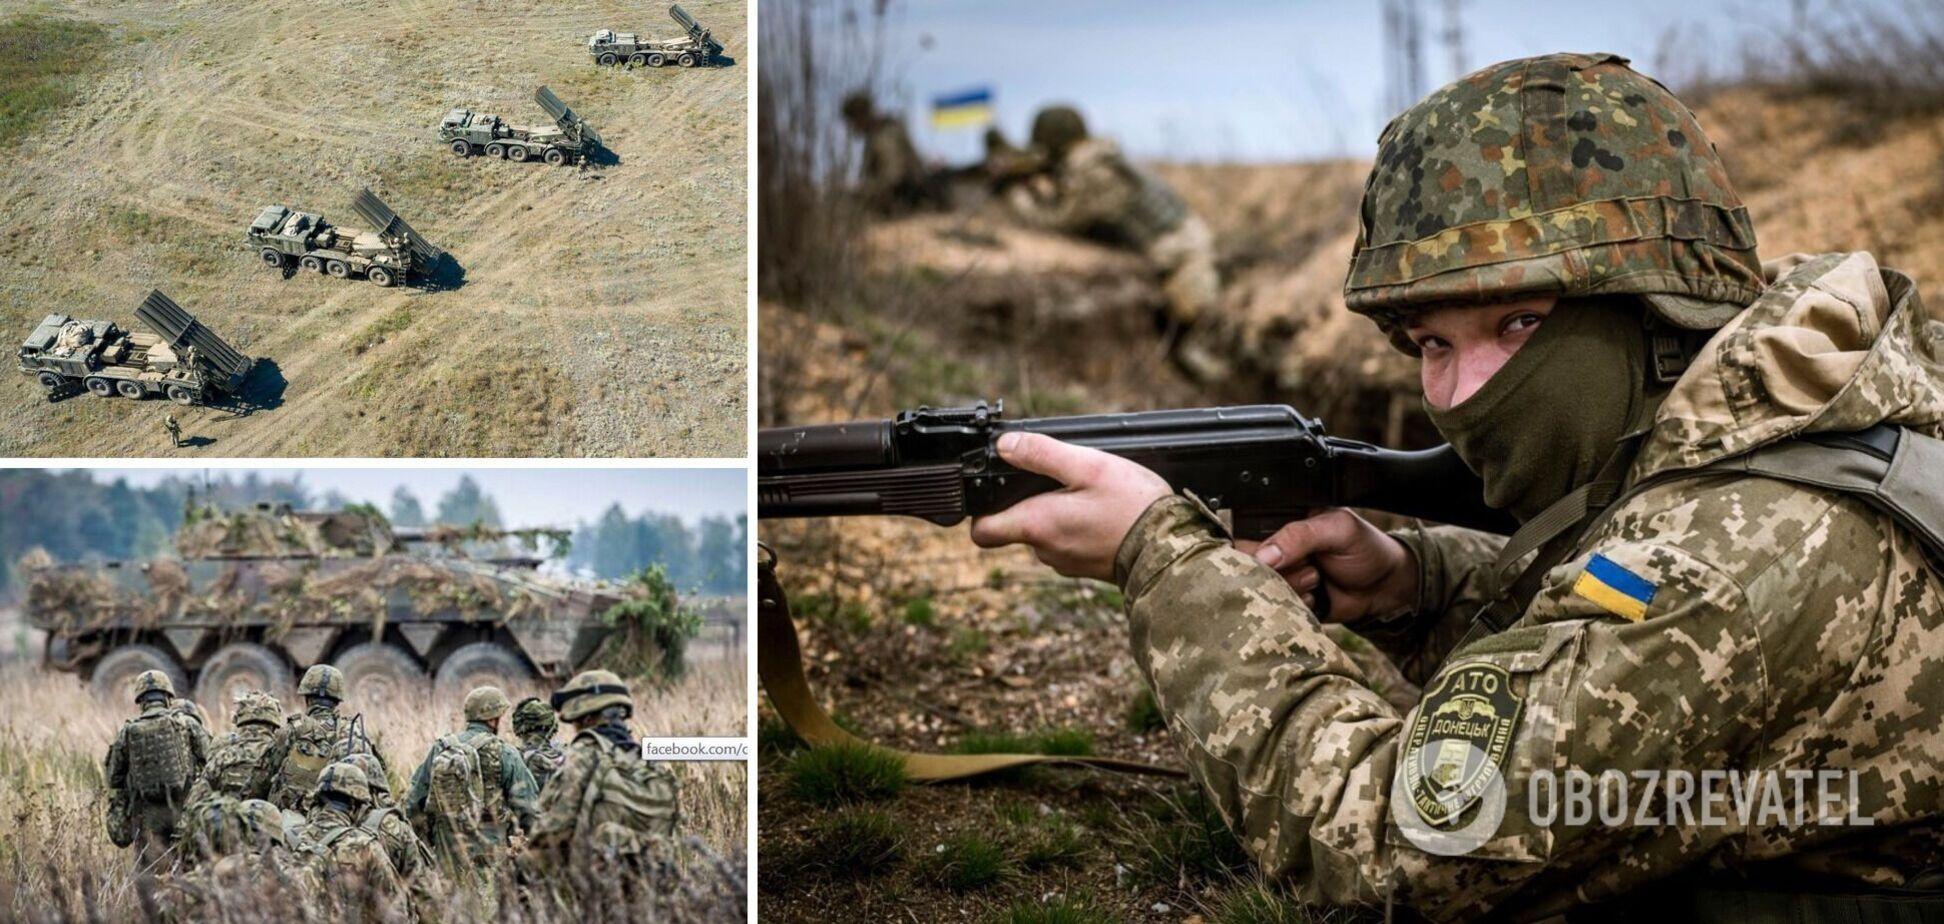 ВСУ провели учения с использованием системы 'Ураган' на админгранице с Крымом. Фото и видео